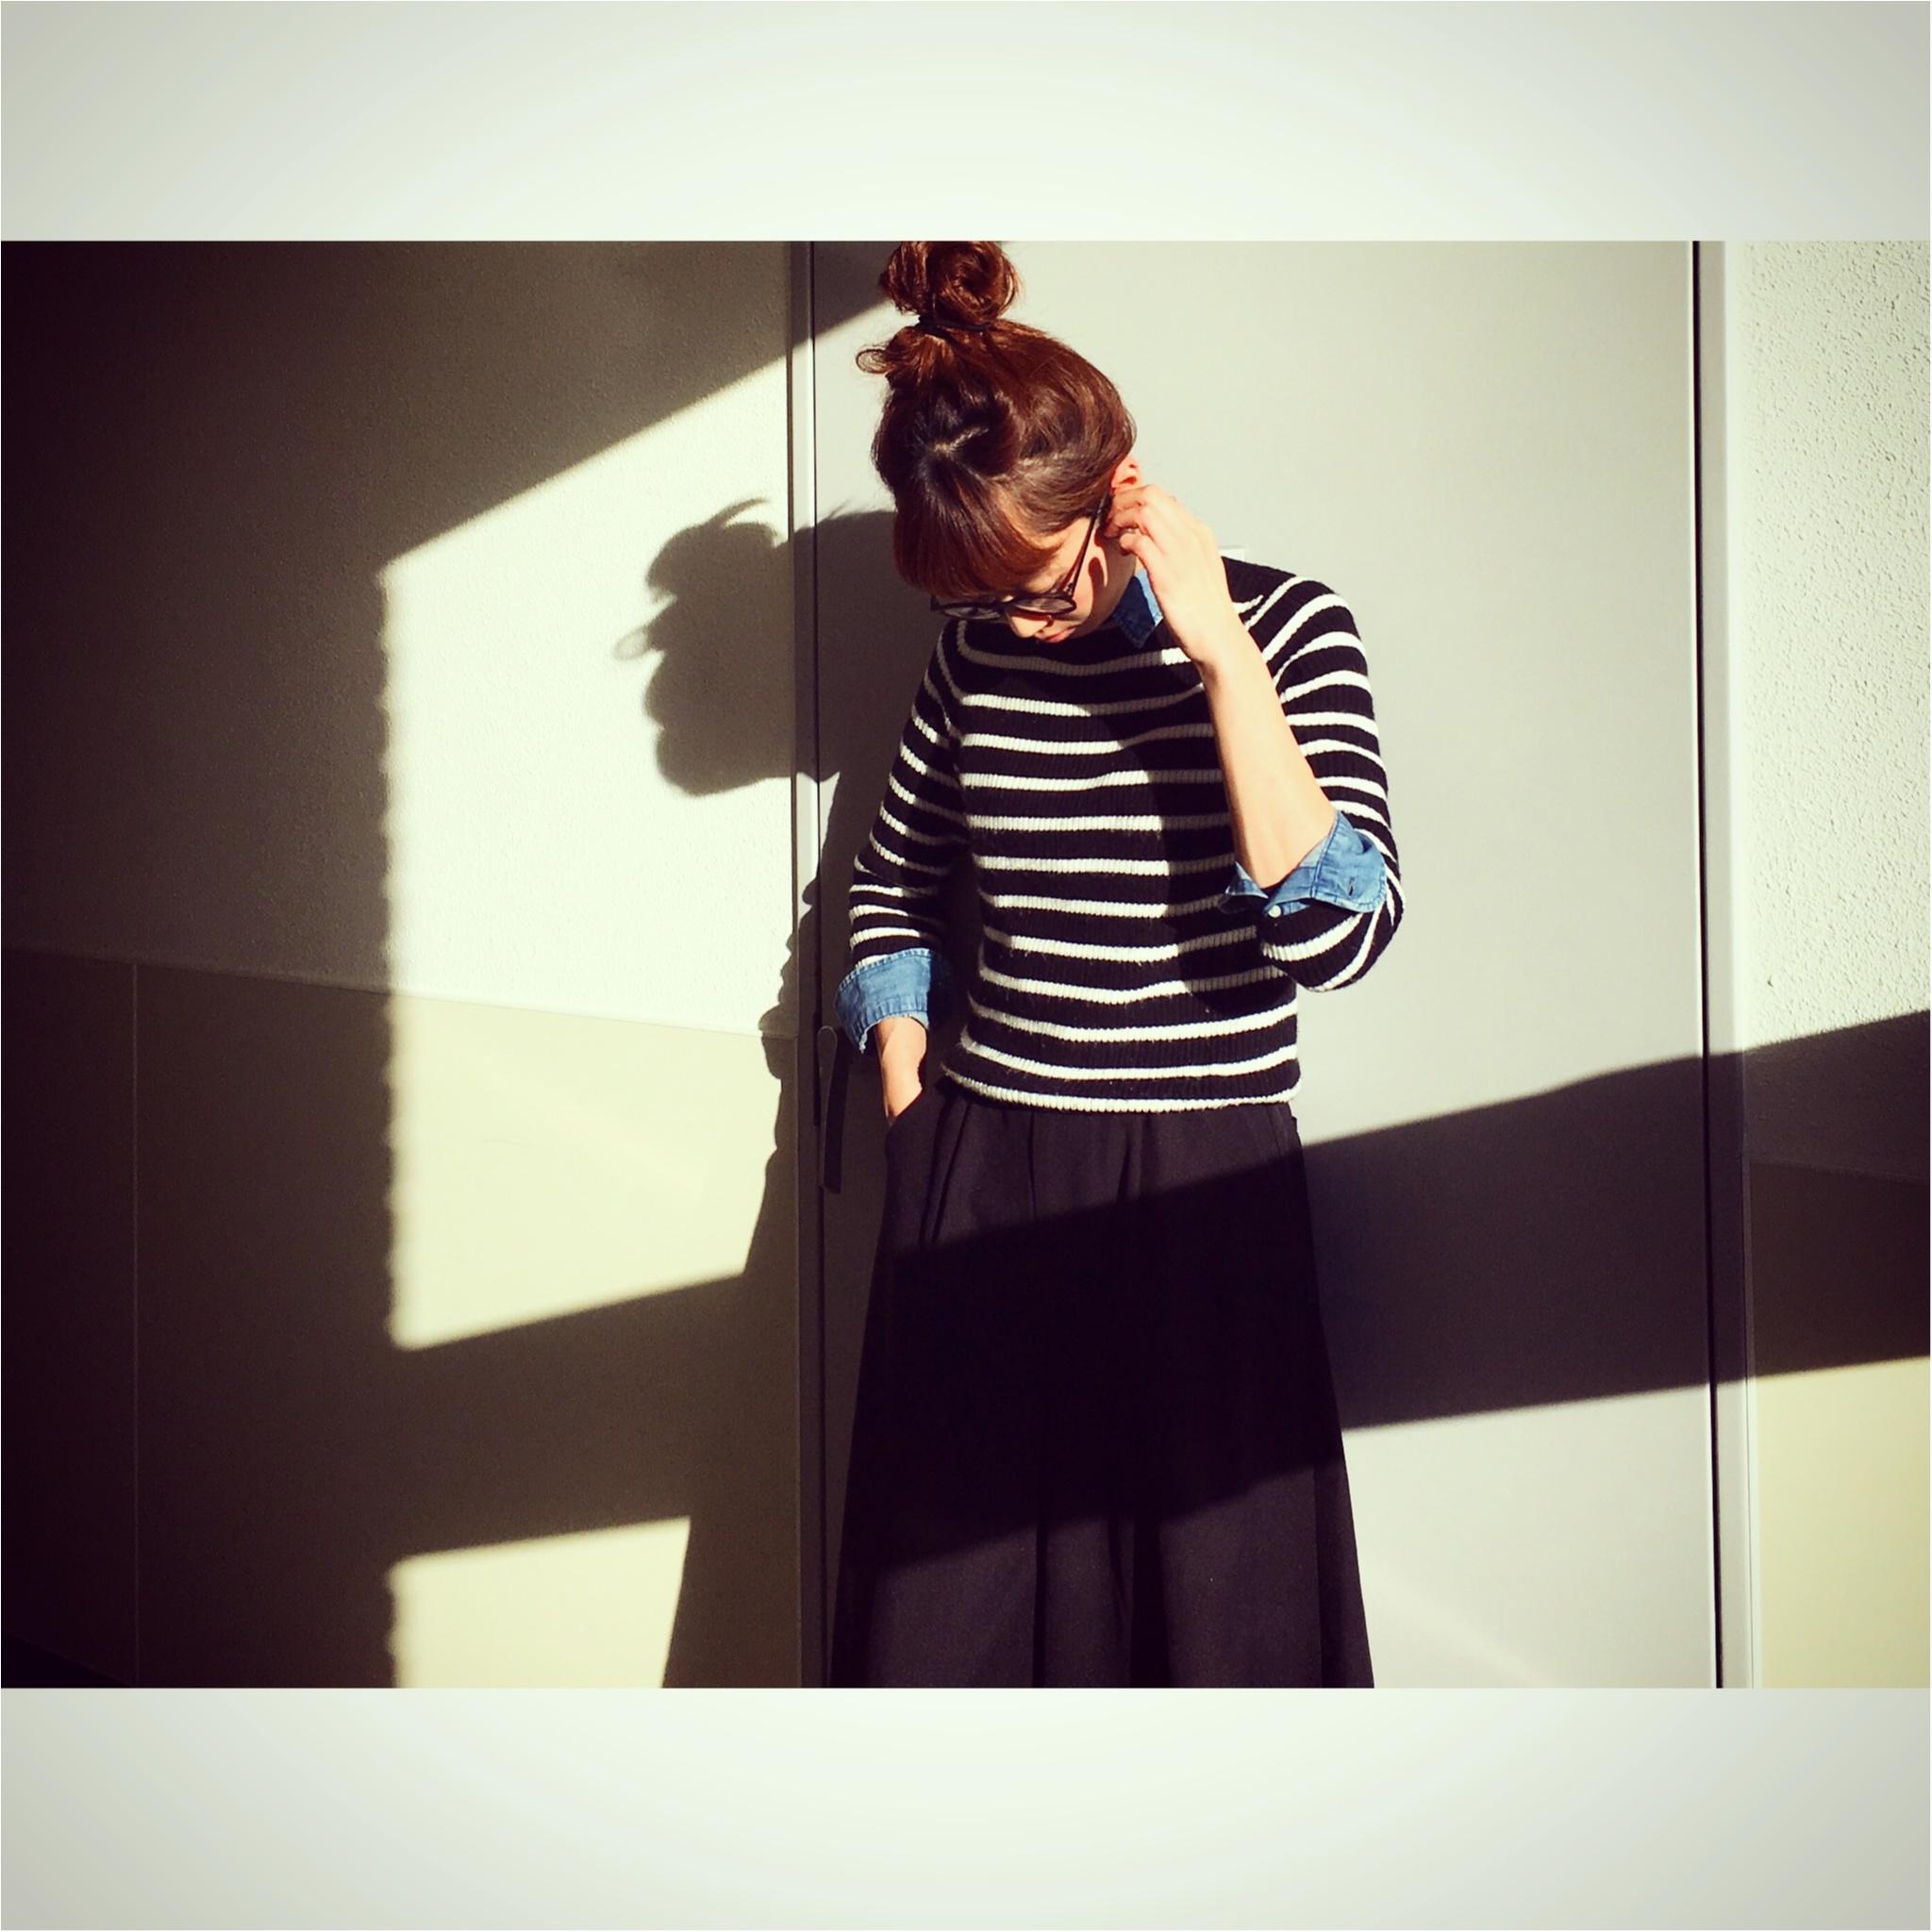 ユニクロのシャツは冬~春まで着れちゃう優れもの★真冬は+UNIQLOシャツでオシャレを楽しもう♪_4